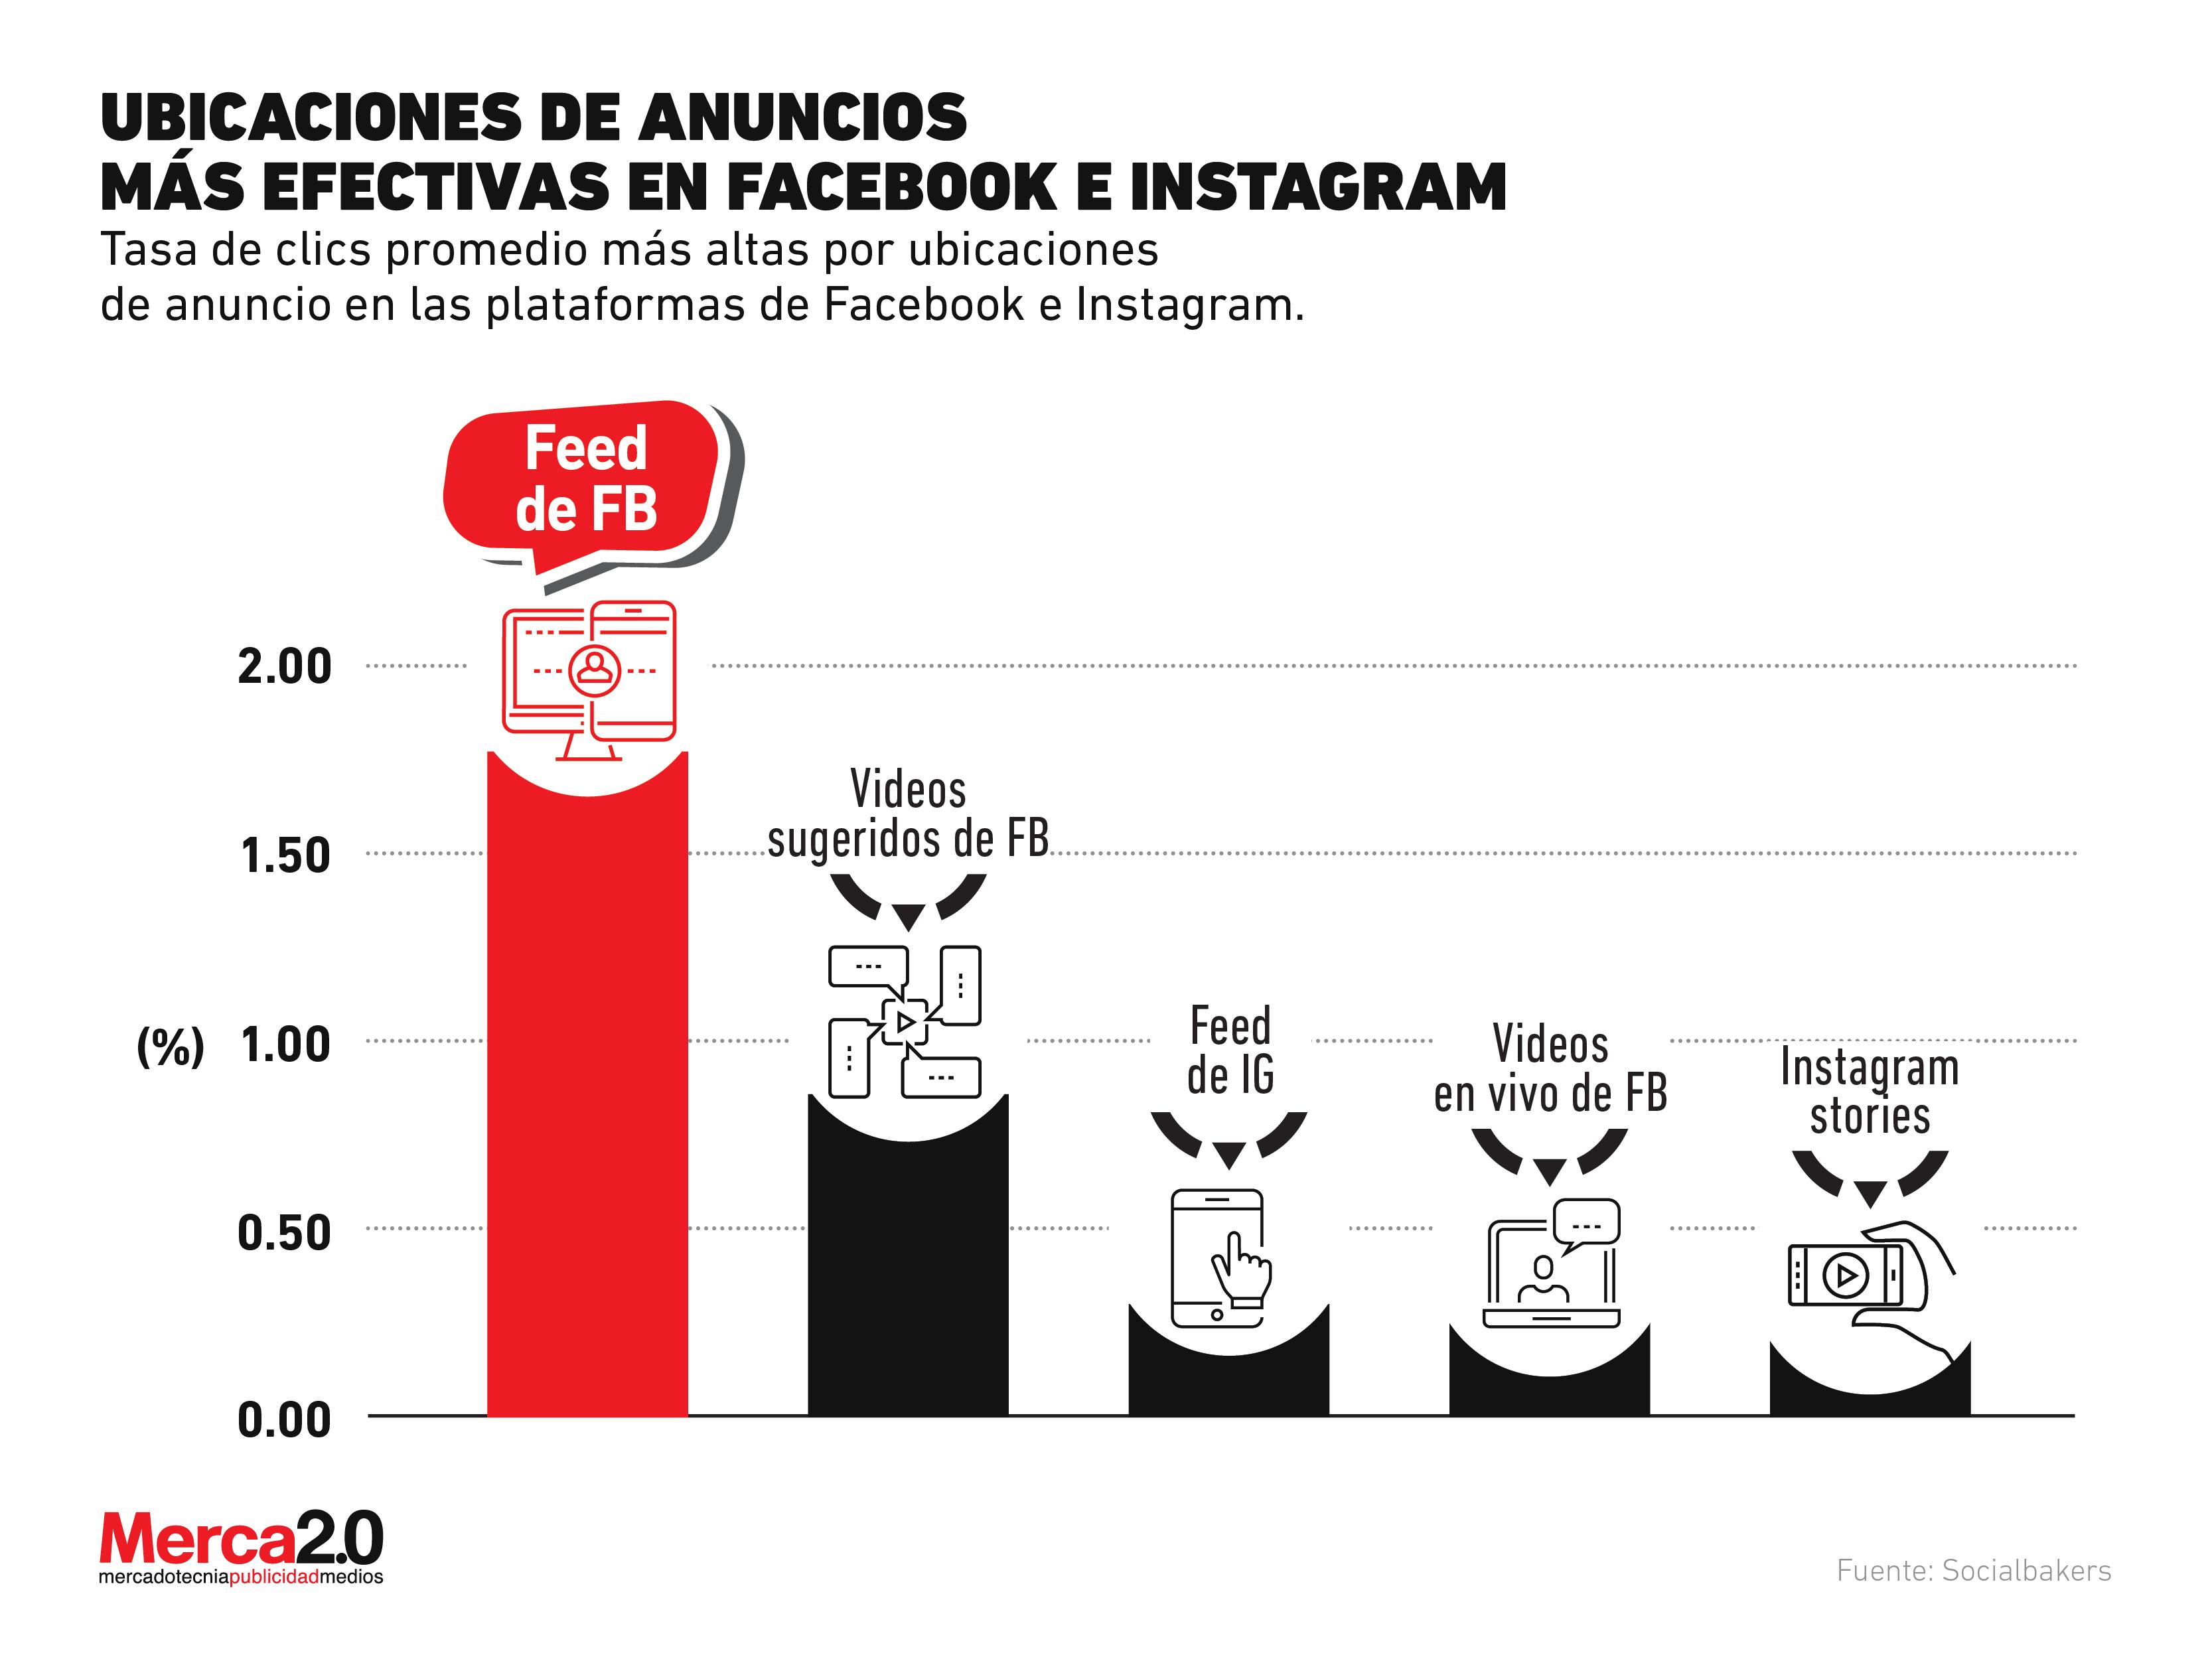 Estas son las ubicaciones de redes sociales a las que debes llevar tus anuncios para tener mejores resultados